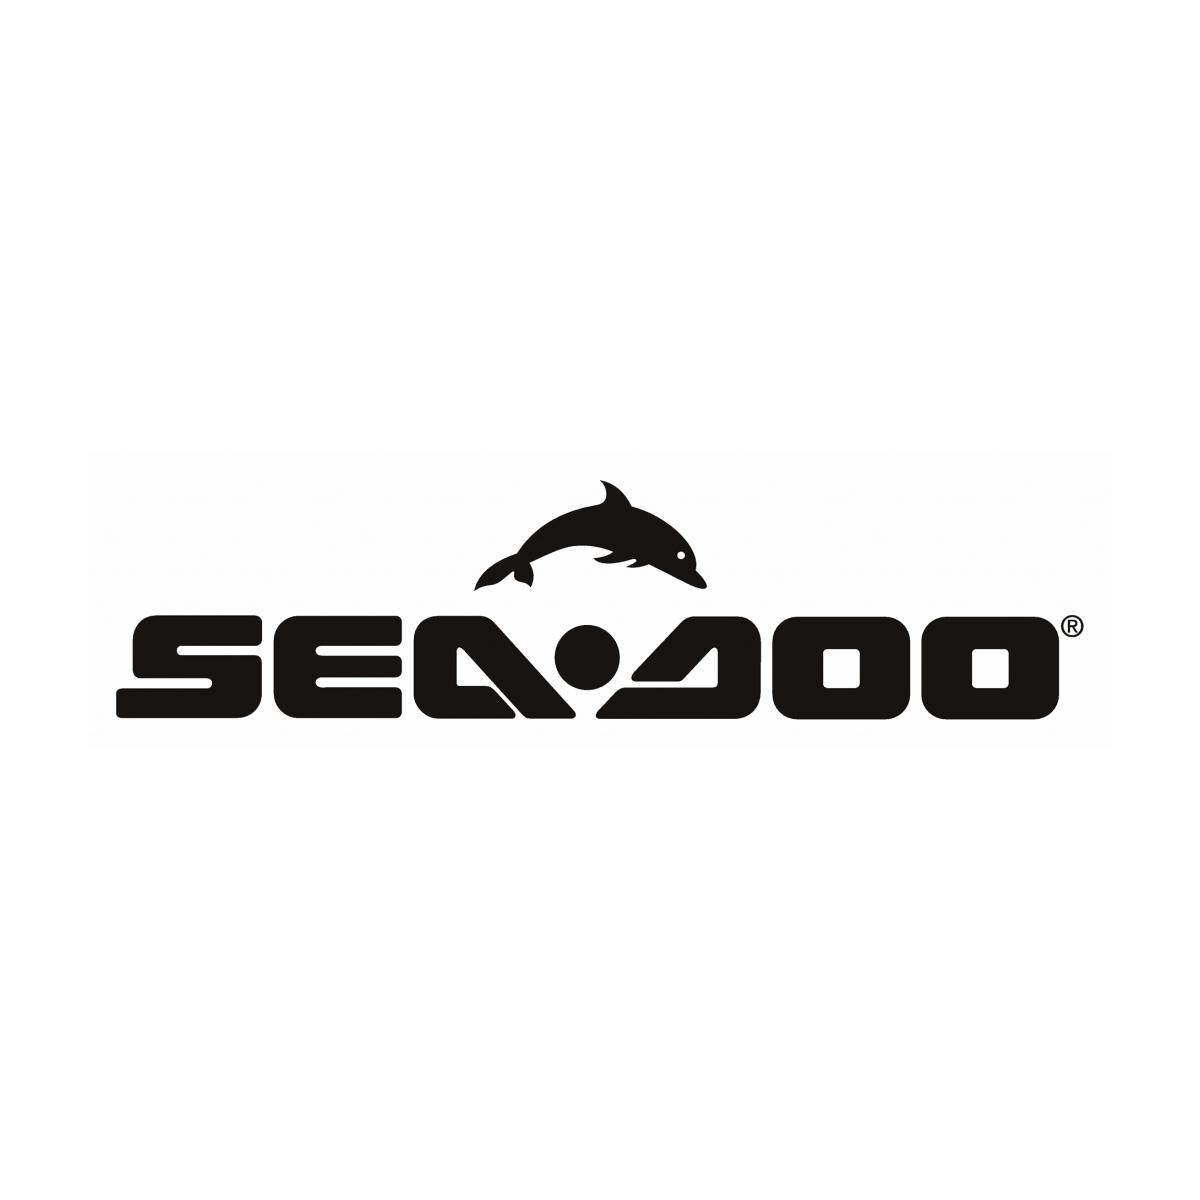 Capa para Botão Start Stop Jet Ski Sea Doo 4 TEC Original (Triângulo)  - Radical Peças - Peças para Jet Ski